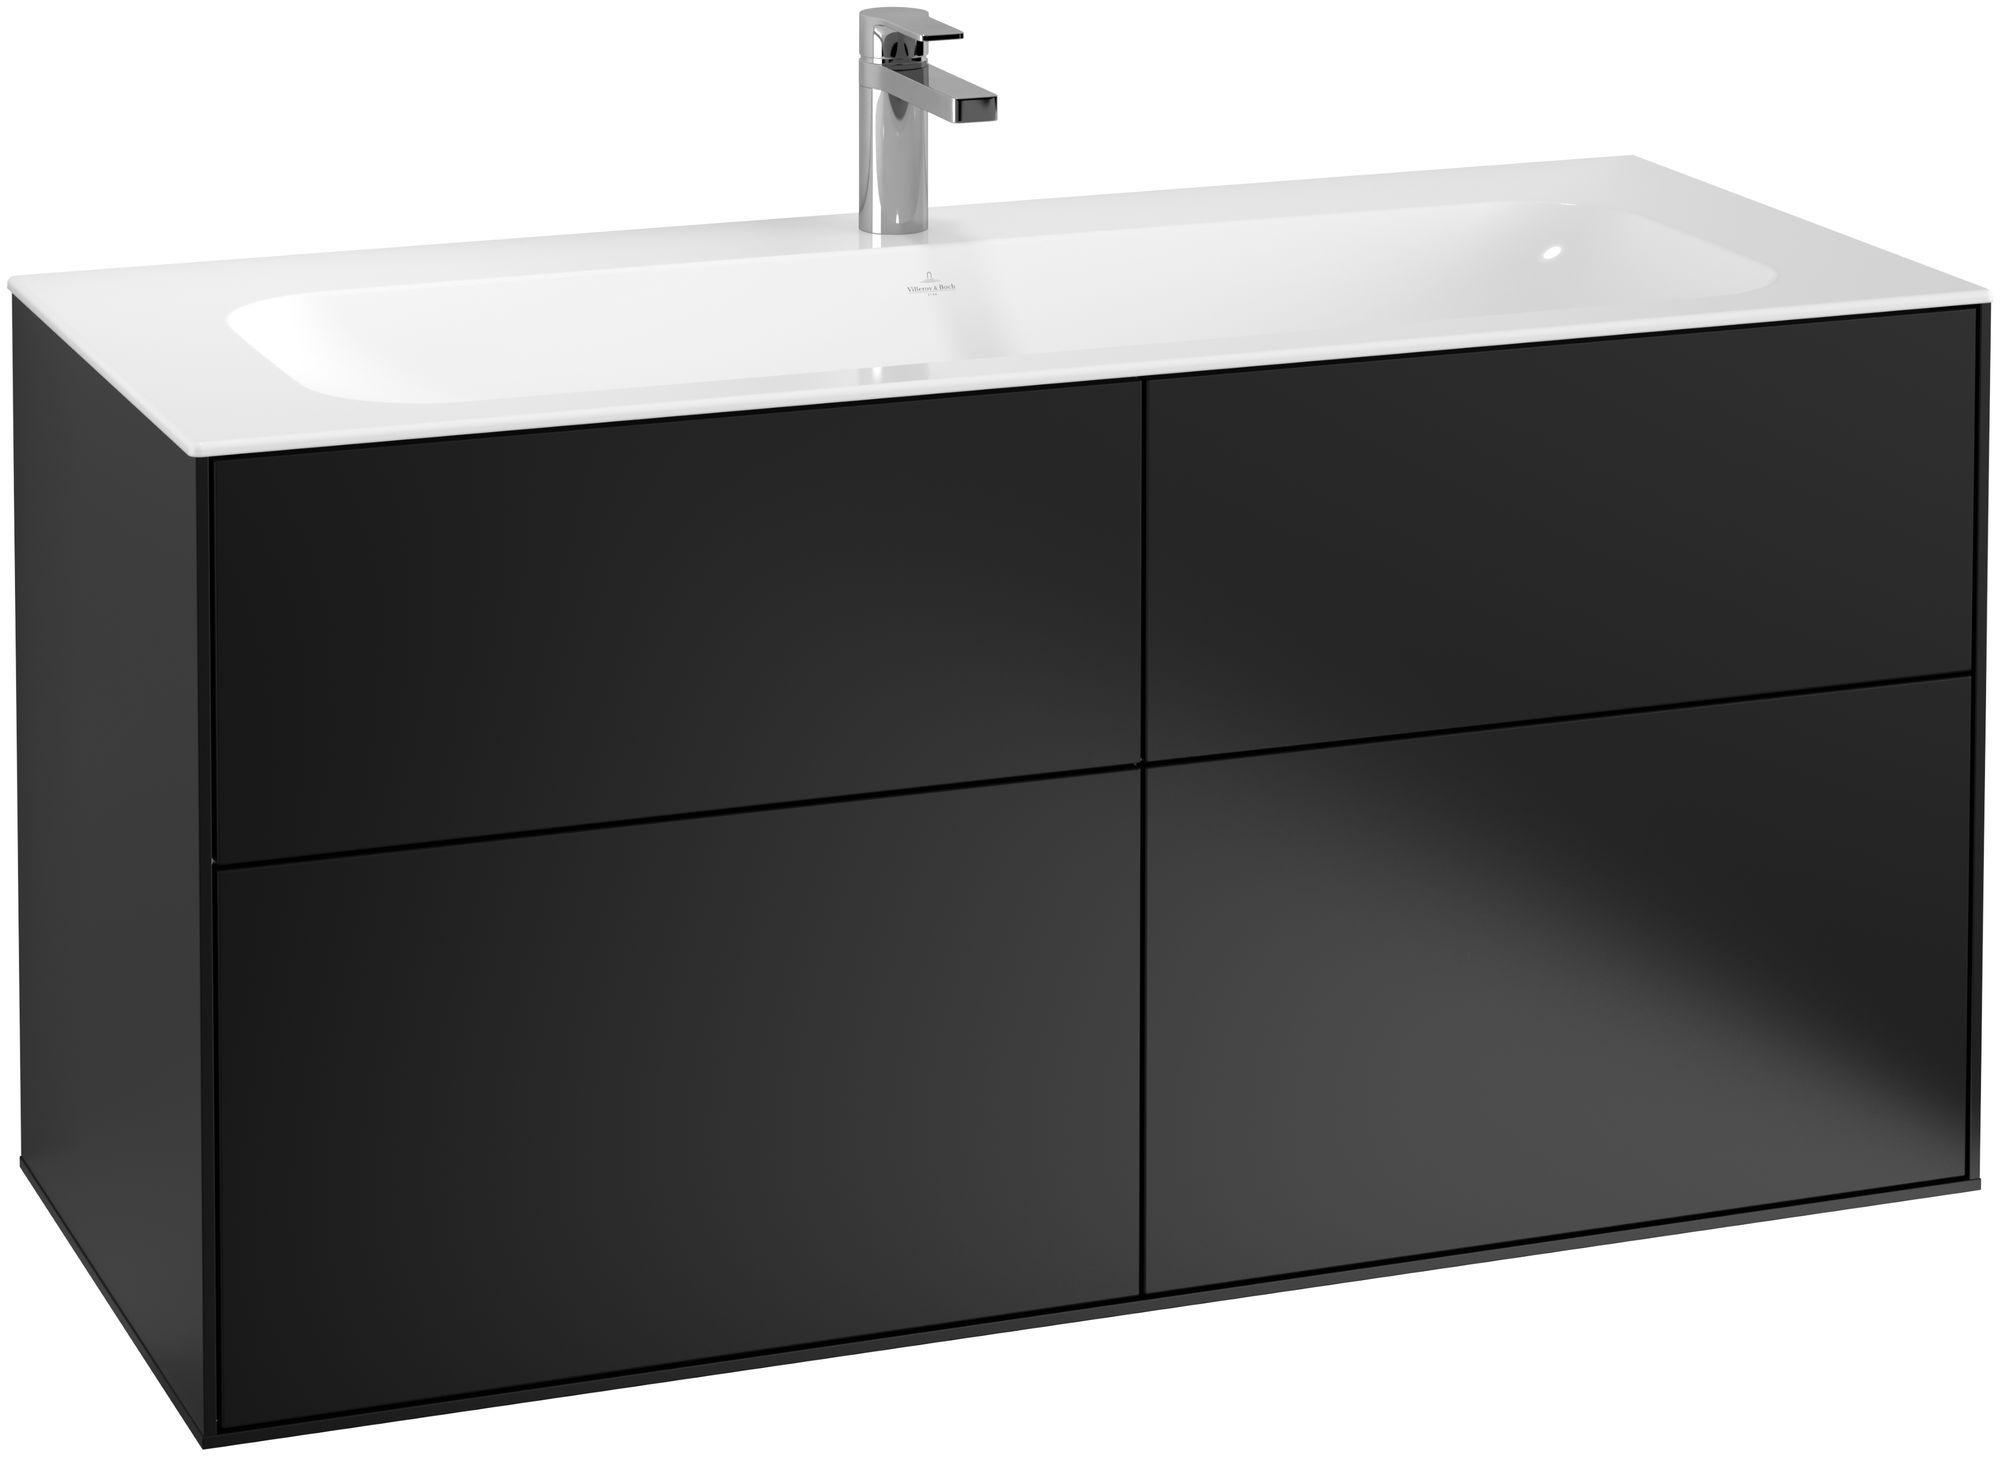 Villeroy & Boch Finion F05 Waschtischunterschrank 4 Auszüge B:119,6xH:59,1xT:49,8cm Front, Korpus: Black Matt Lacquer F05000PD